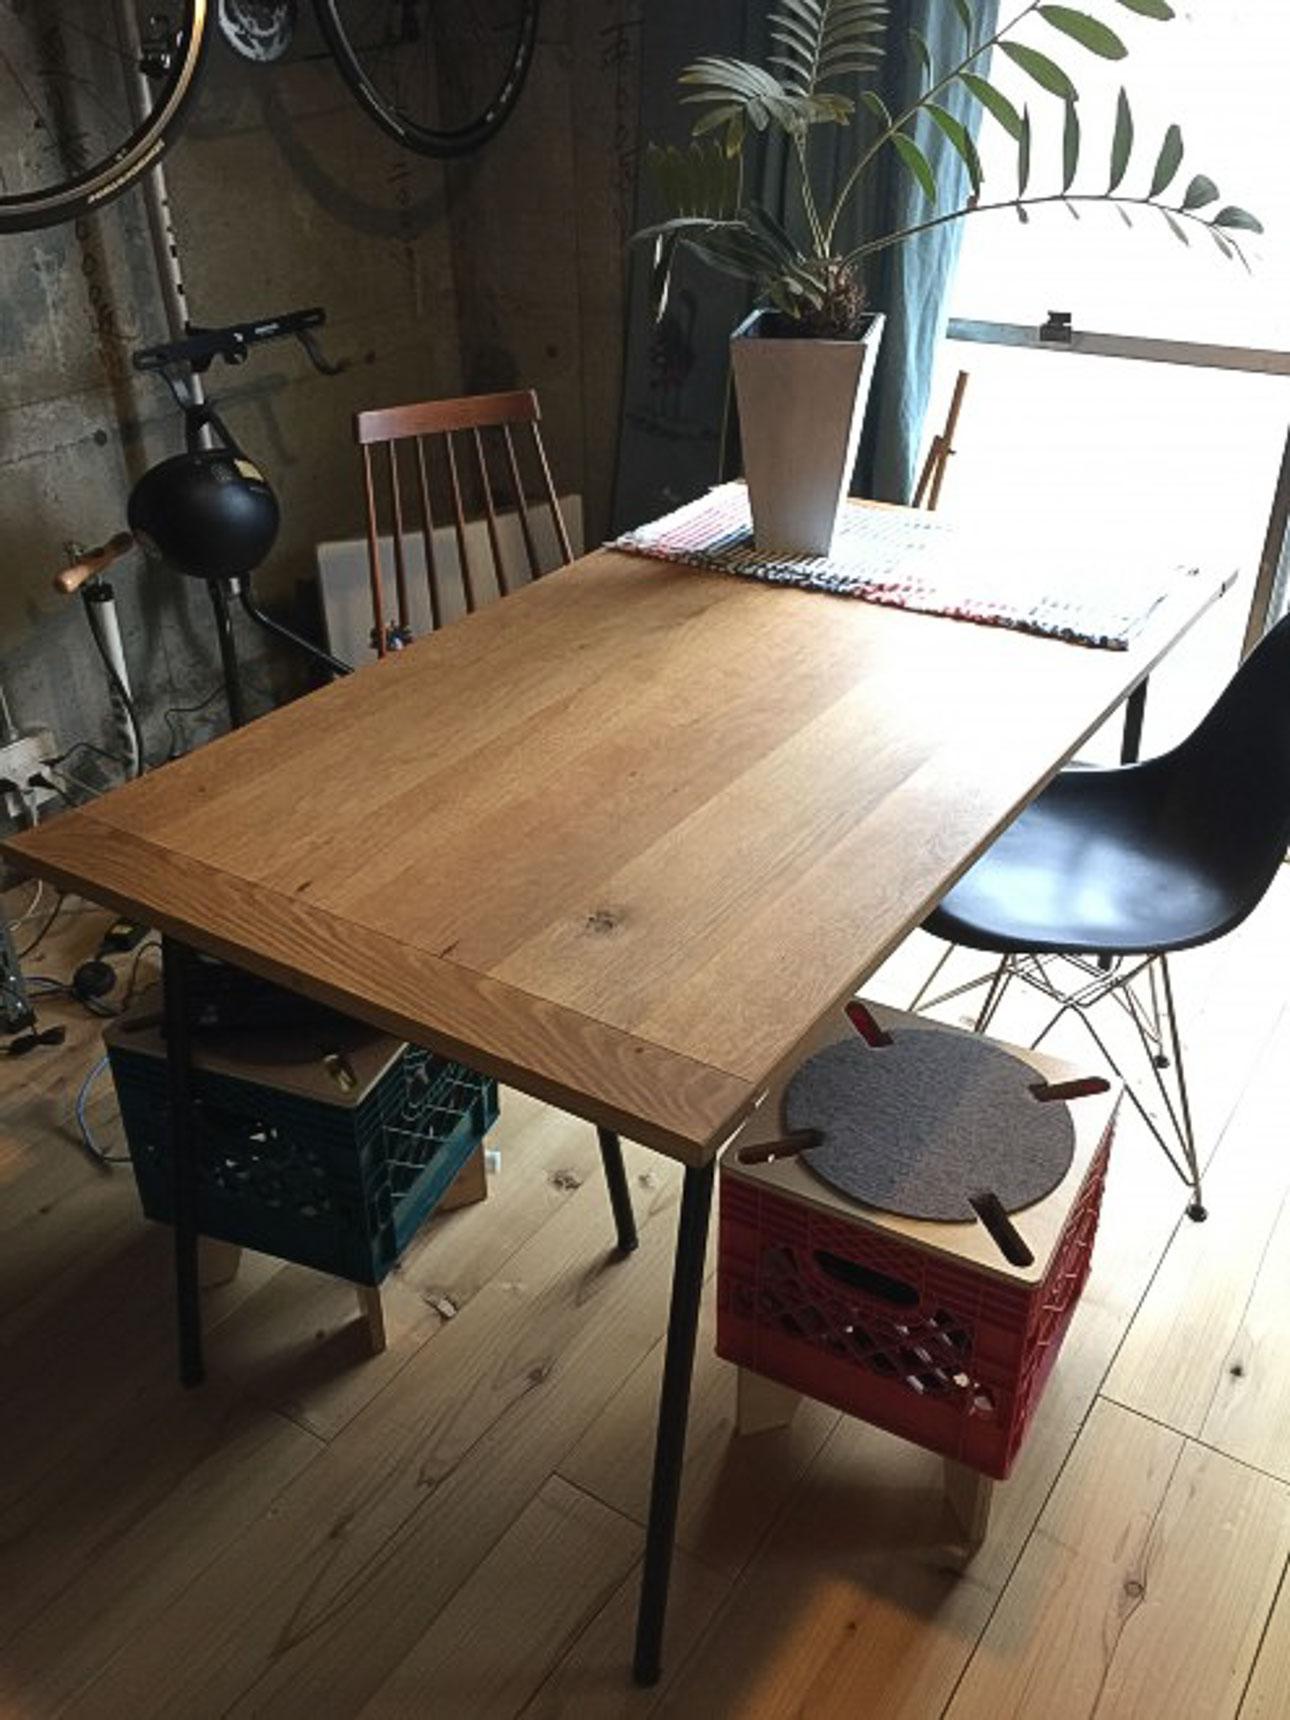 イデーのダイニングテーブル。「木」と「アイアン」の素材に合わせて、他の家具も選んでいきます。